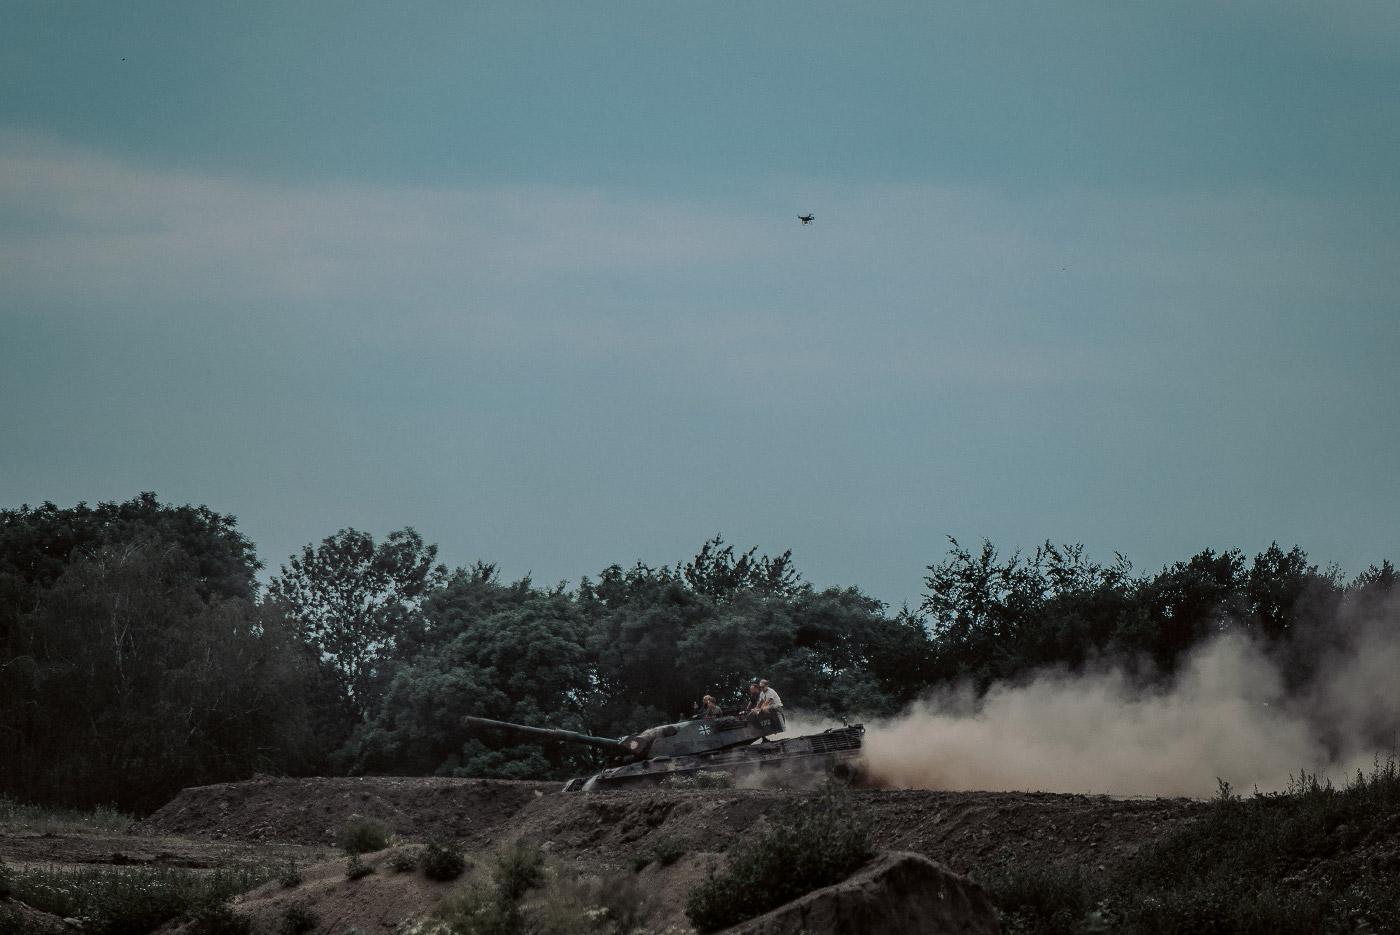 Panzertreffen 2018, Leopard 1 in Fahrt